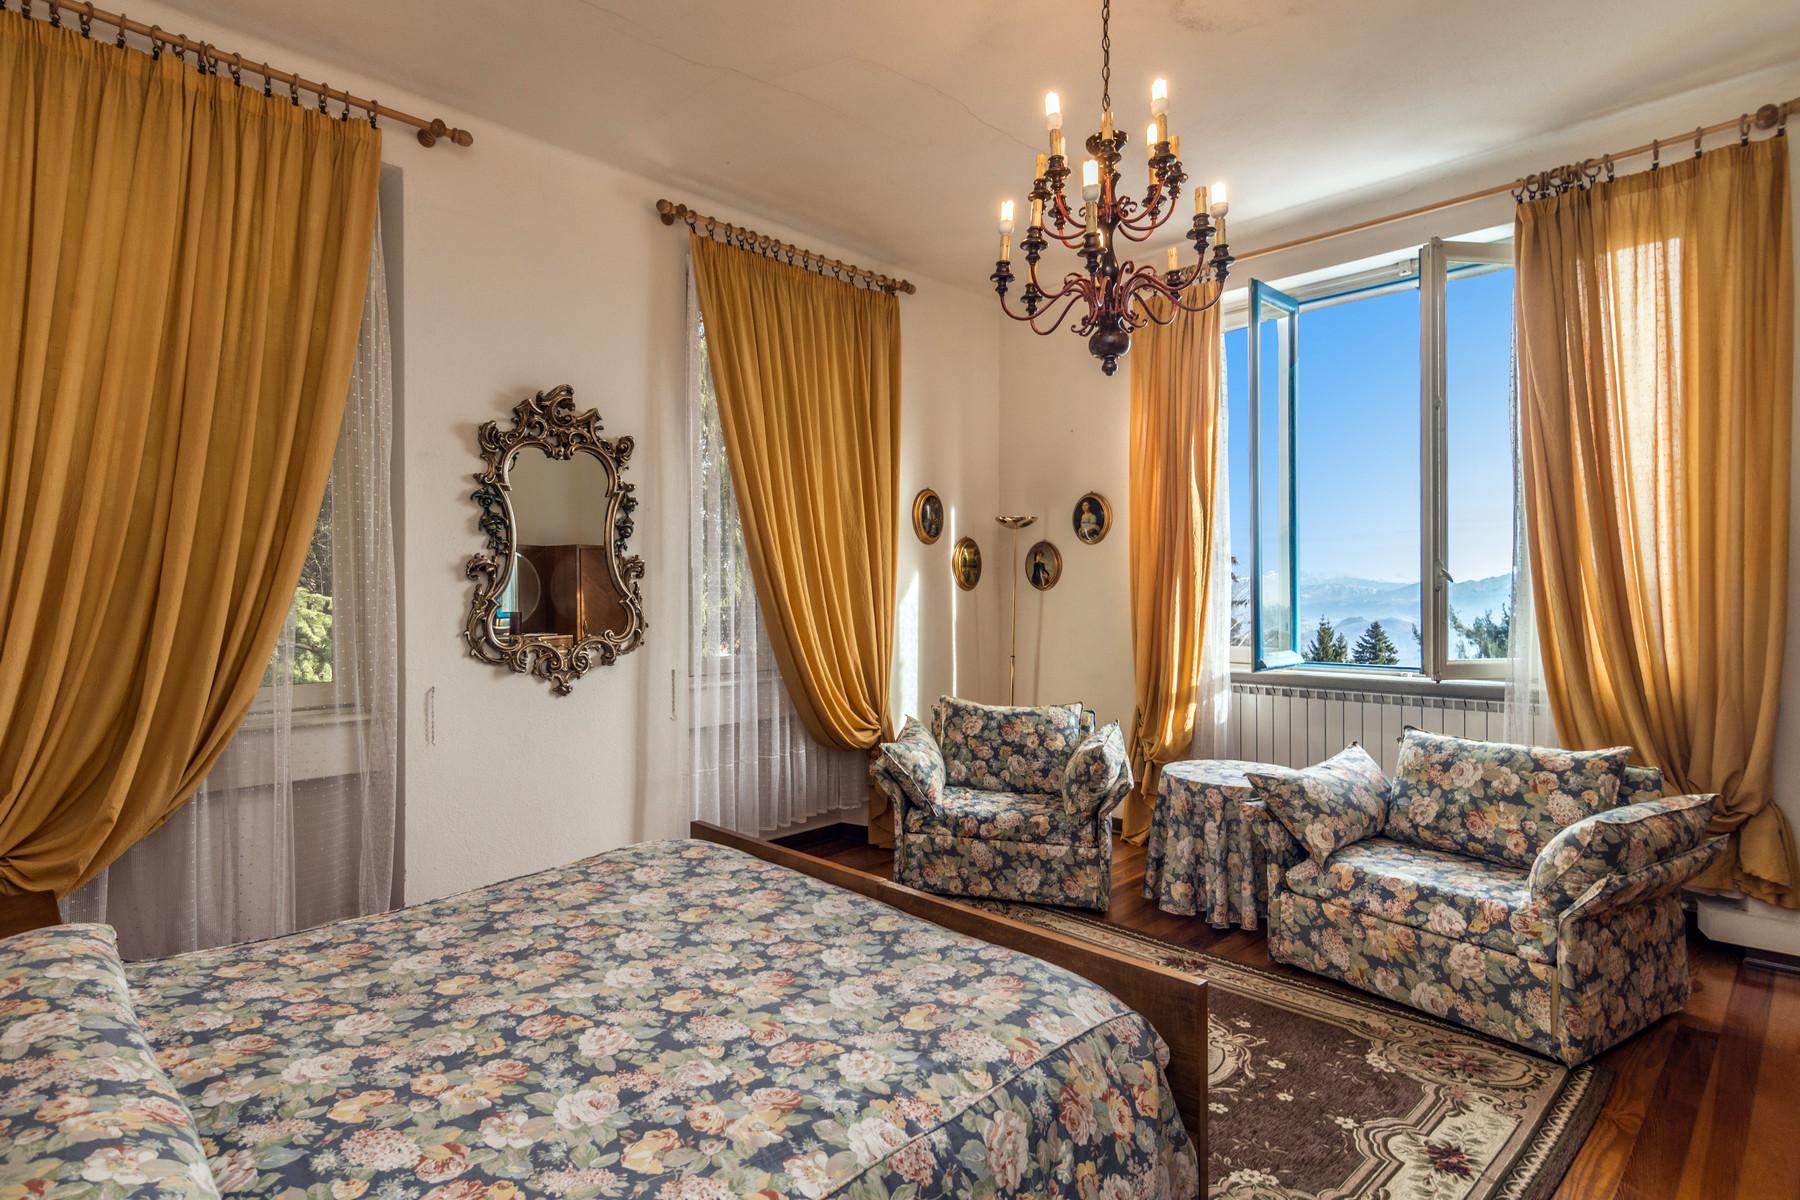 Additional photo for property listing at Magnificent villa with fine interiors on Maggiore Lake Via Madonna della Neve Gignese, Verbano Cusio Ossola 28836 Italia